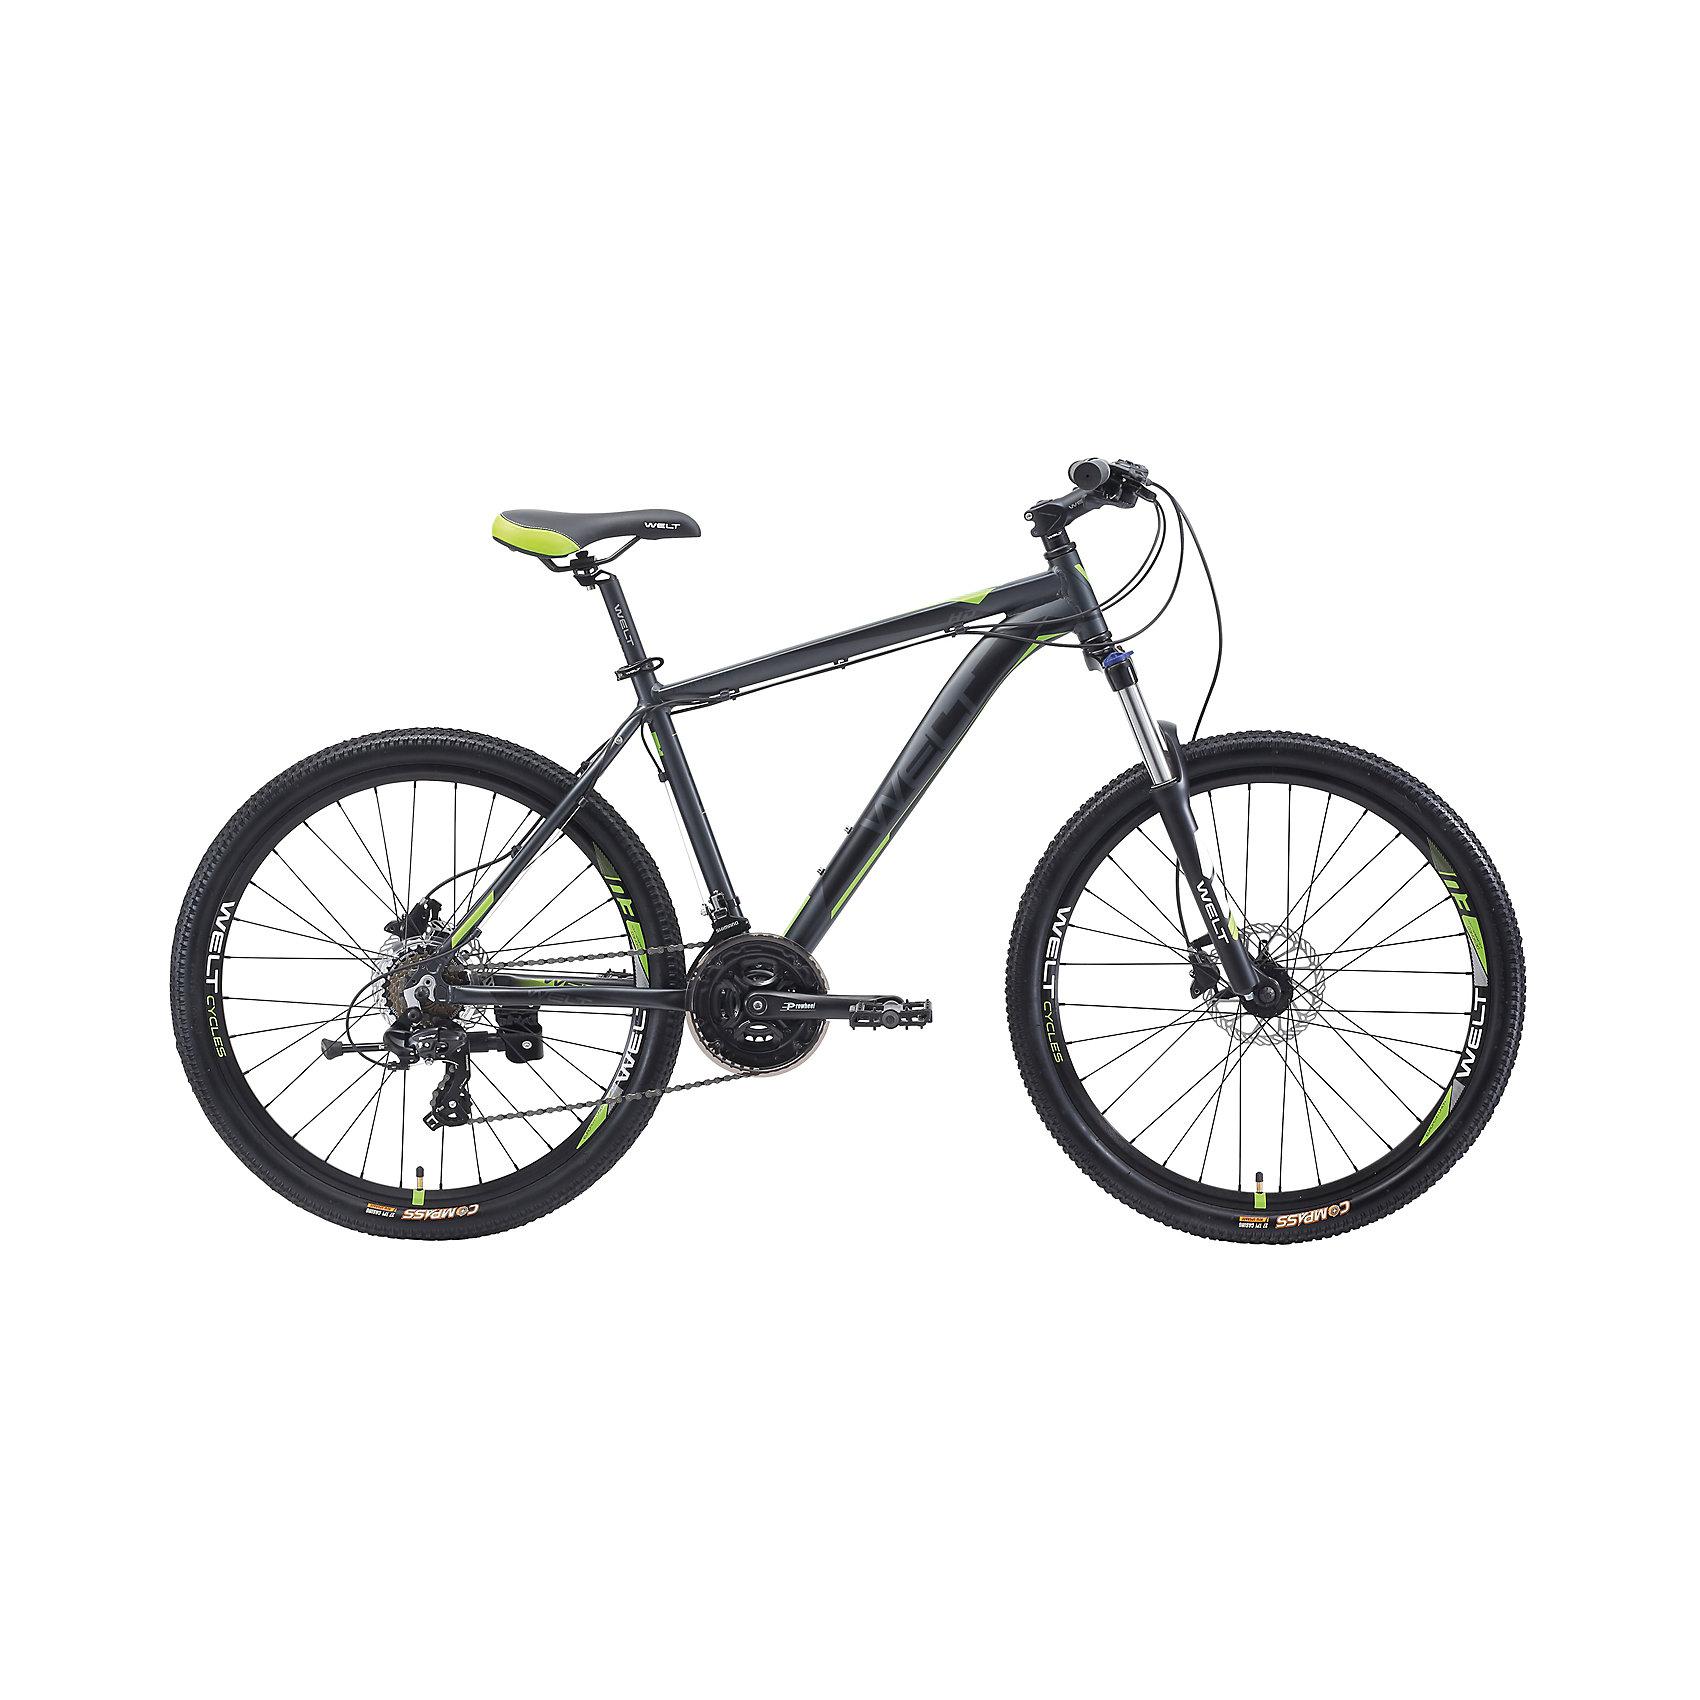 Велосипед  Ridge 1.0 HD, 18 дюймов, серо-зеленый, WeltВелосипеды детские<br>Характеристики товара:<br><br>• цвет: серый, зеленый<br>• возраст: от 6 лет<br>• механические тормоза<br>• цельнолитая контрукция вилки, ход 100мм<br>• подножка<br>• диаметр колес: 18<br>• кол-во скоростей: 21<br>• вилка: Suntour XCT HLO 100mm (амортизационная)<br>• переключатель задний : Shimano TY-300<br>• переключатель передний: Shimano TZ-30<br>• шифтеры: Shimano EF-51<br>• тип тормозов: V-brake<br>• тормоза: Alloy YX-122<br>• система:  Prowheel alloy 42/34/24 <br>• кассета: Shimano HG20 12-28T<br>• тип рулевой колонки:  1-1/8 безрезьбовая<br>• покрышки: Compass 26 x 2,1<br>• страна бренда: Германия<br><br>Велосипед  Ridge 1.0 V, рама которого выполнена из алюминиевого сплава. Колеса на двойных ободах. Отличают эту модель от остальных дисковые тормоза, более технологичные по сравнению с ободными. <br><br>Этот универсальный велосипед можно эксплуатировать в городе или за его пределами.<br><br>Велосипед  Ridge 1.0 V, 18 дюймов, серо-зеленый Welt можно купить в нашем интернет-магазине.<br><br>Ширина мм: 1450<br>Глубина мм: 200<br>Высота мм: 800<br>Вес г: 16500<br>Возраст от месяцев: 168<br>Возраст до месяцев: 2147483647<br>Пол: Унисекс<br>Возраст: Детский<br>SKU: 5569428